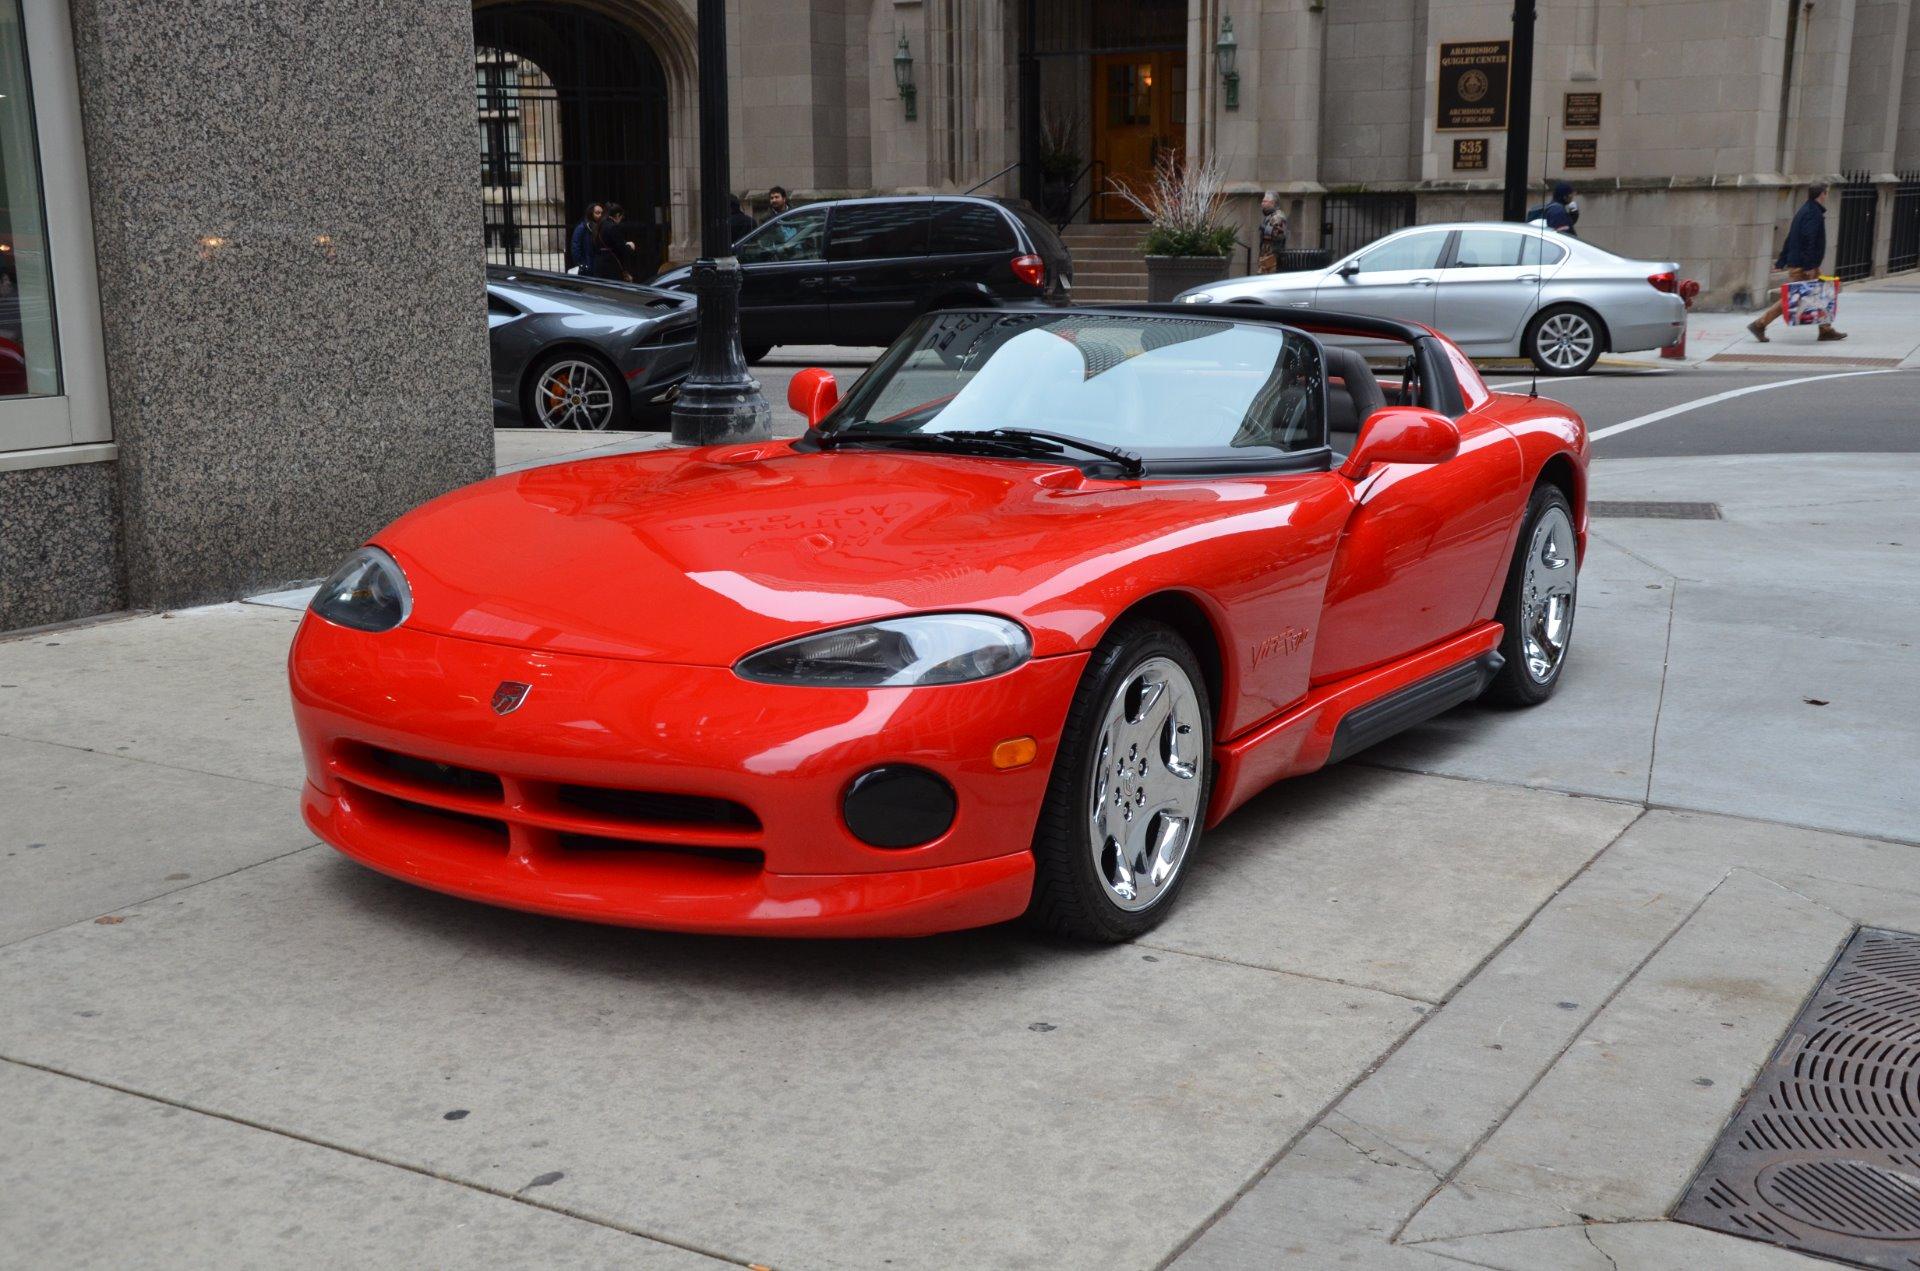 Used 1993 dodge viper rt 10 chicago il